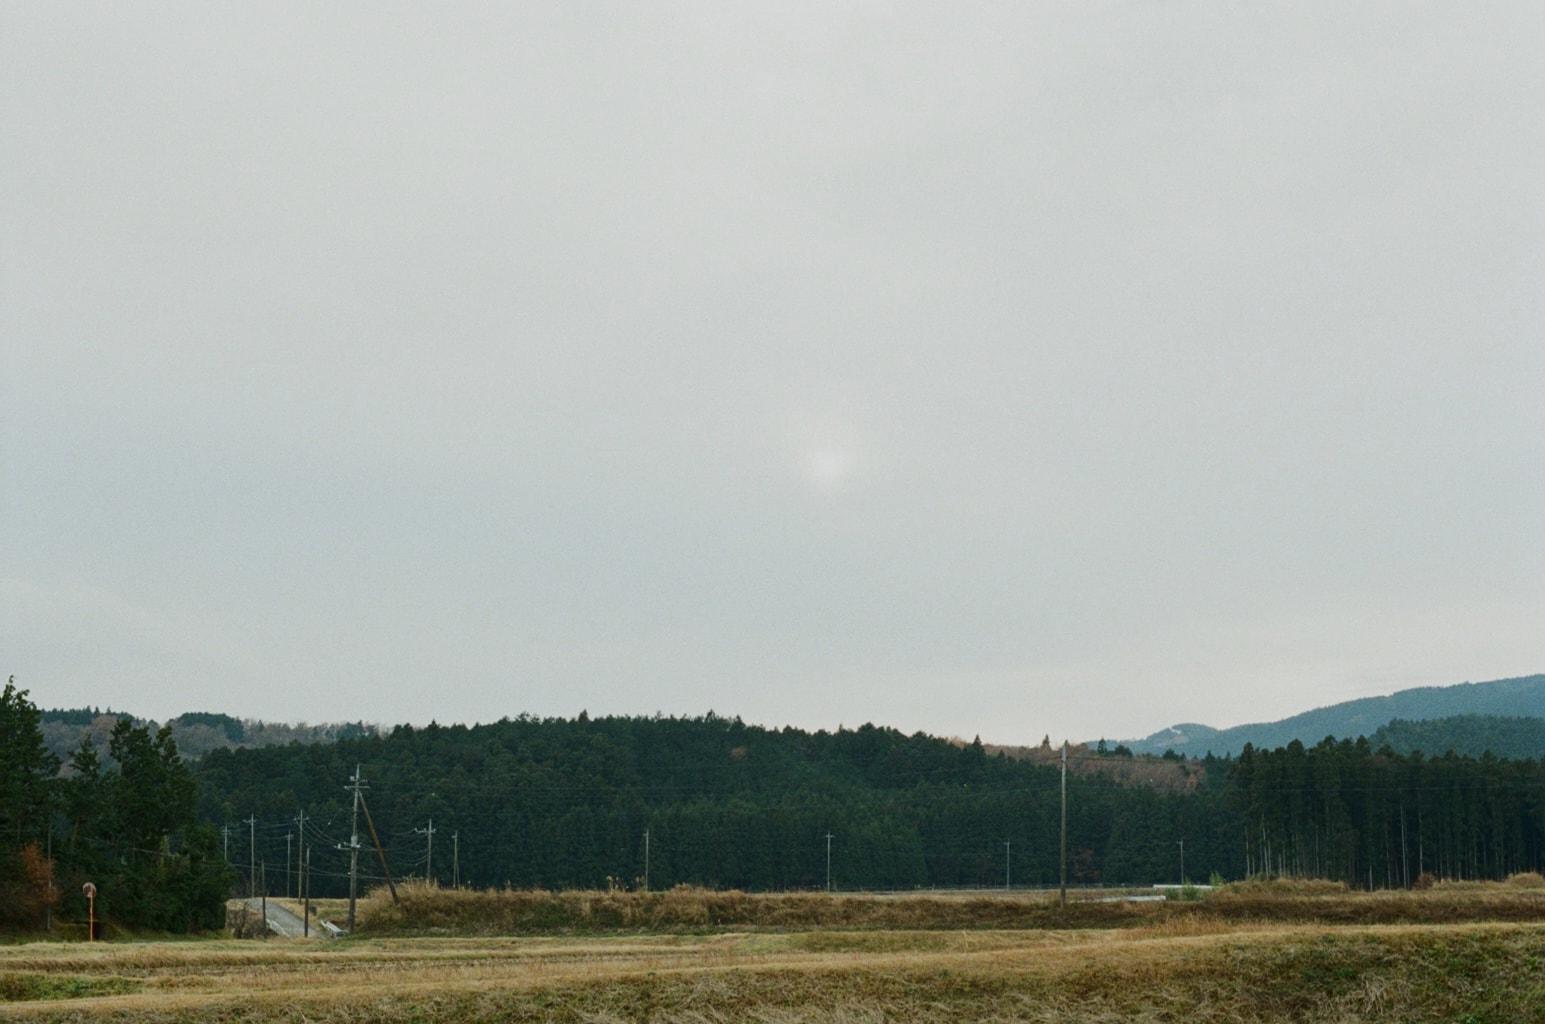 冬至イメージ。里山の風景